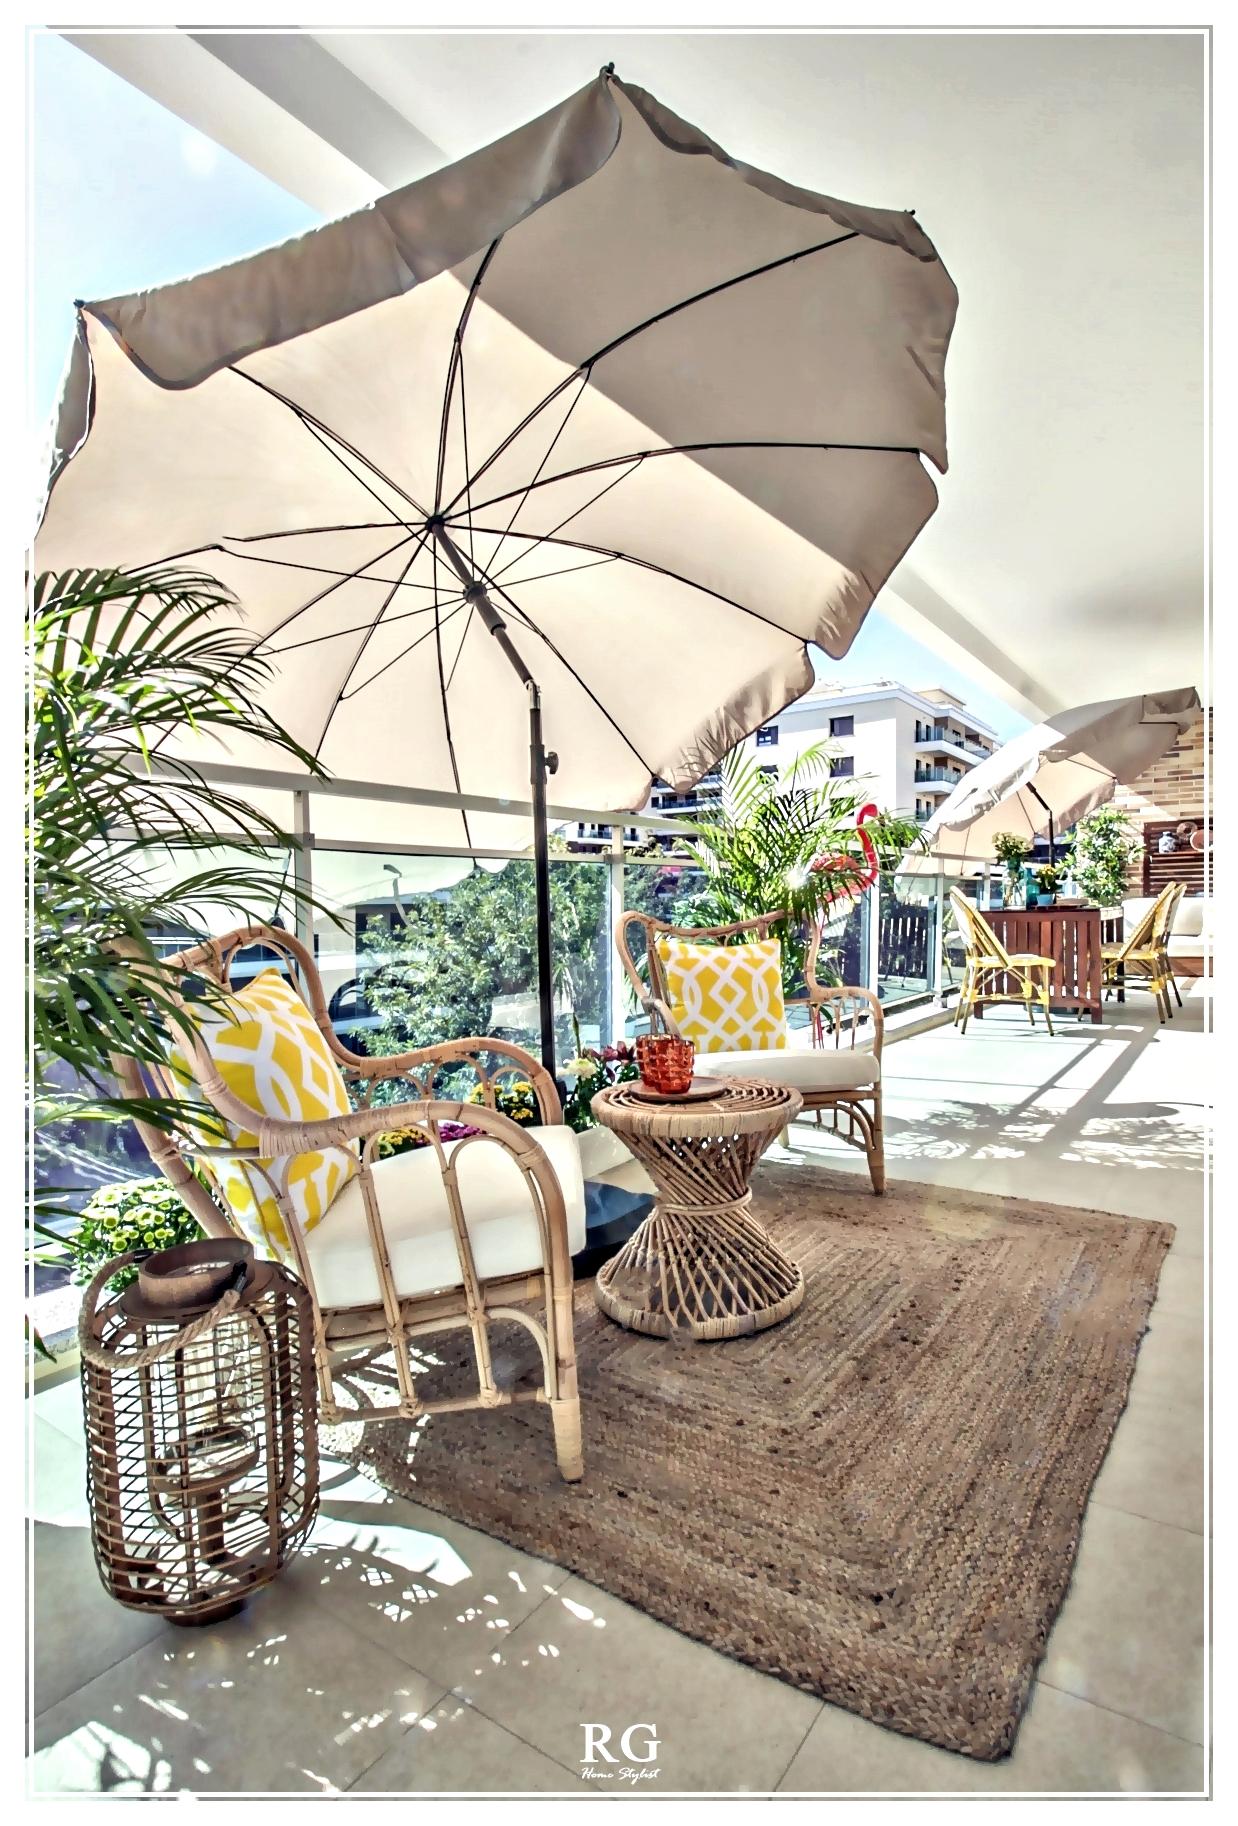 Projeto - The Yellow balcony